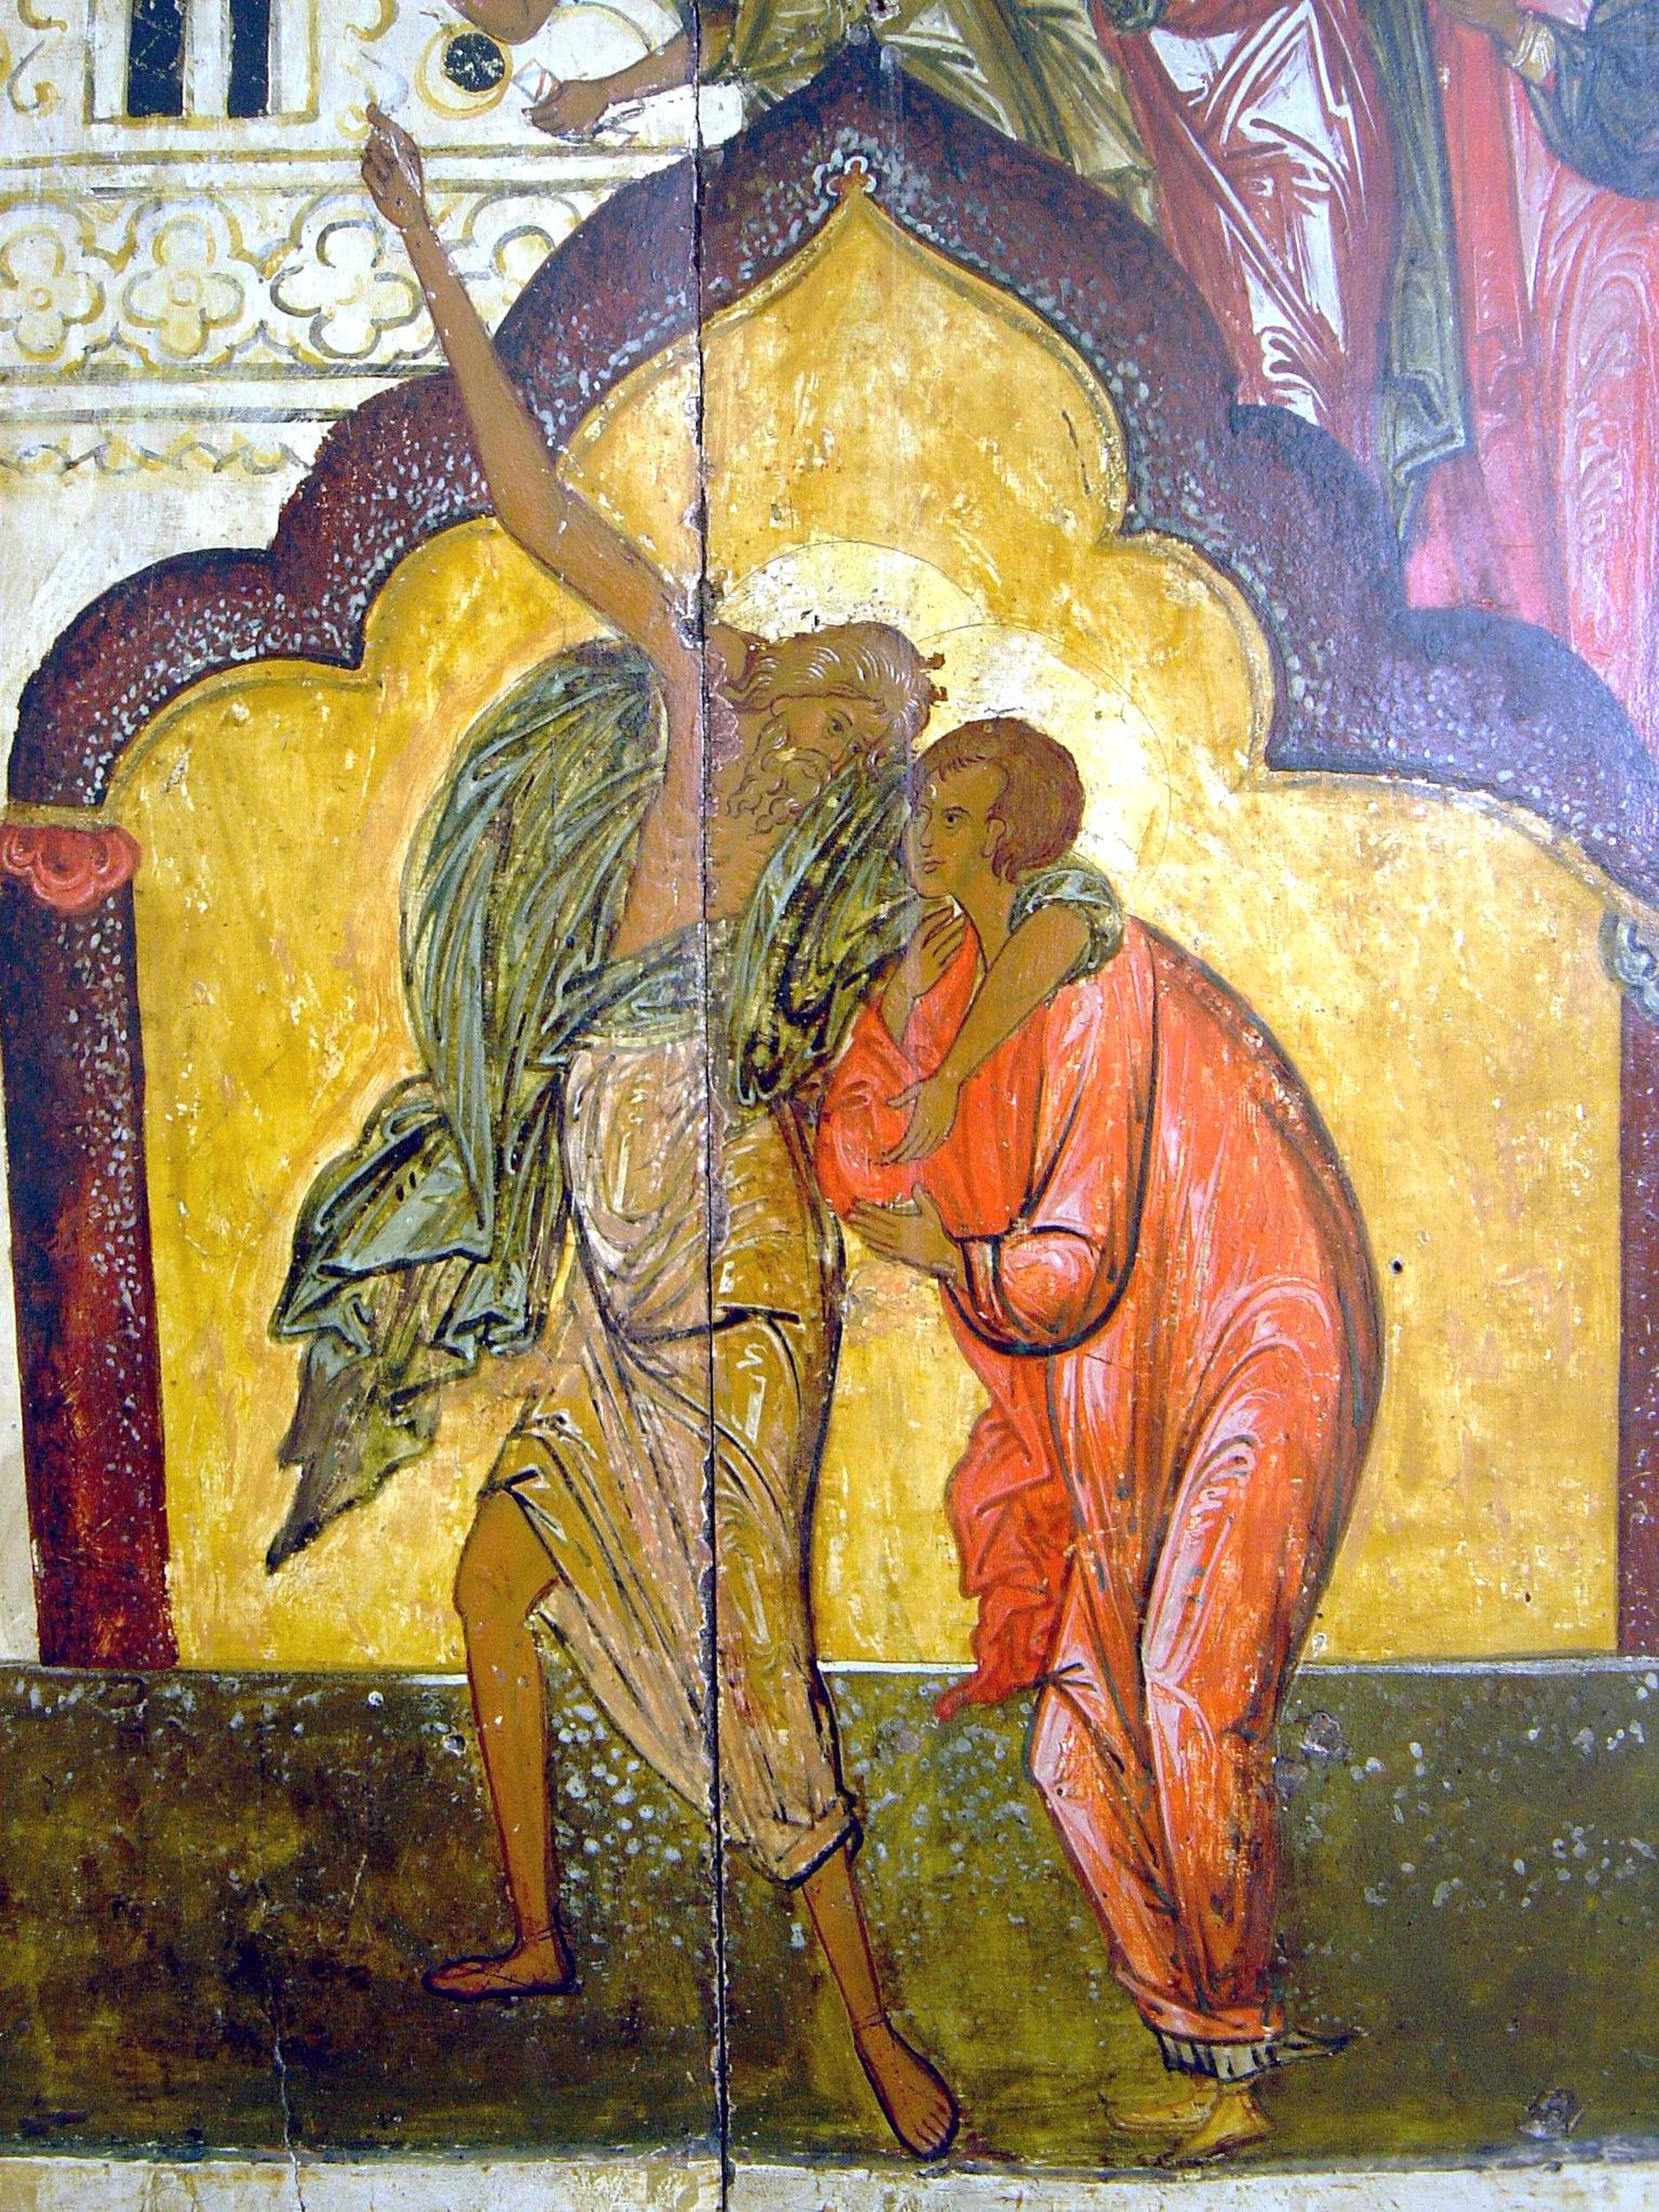 Покров Пресвятой Богородицы. Икона XVI века. Фрагмент. Св. Андрей Юродивый и его ученик Епифаний.